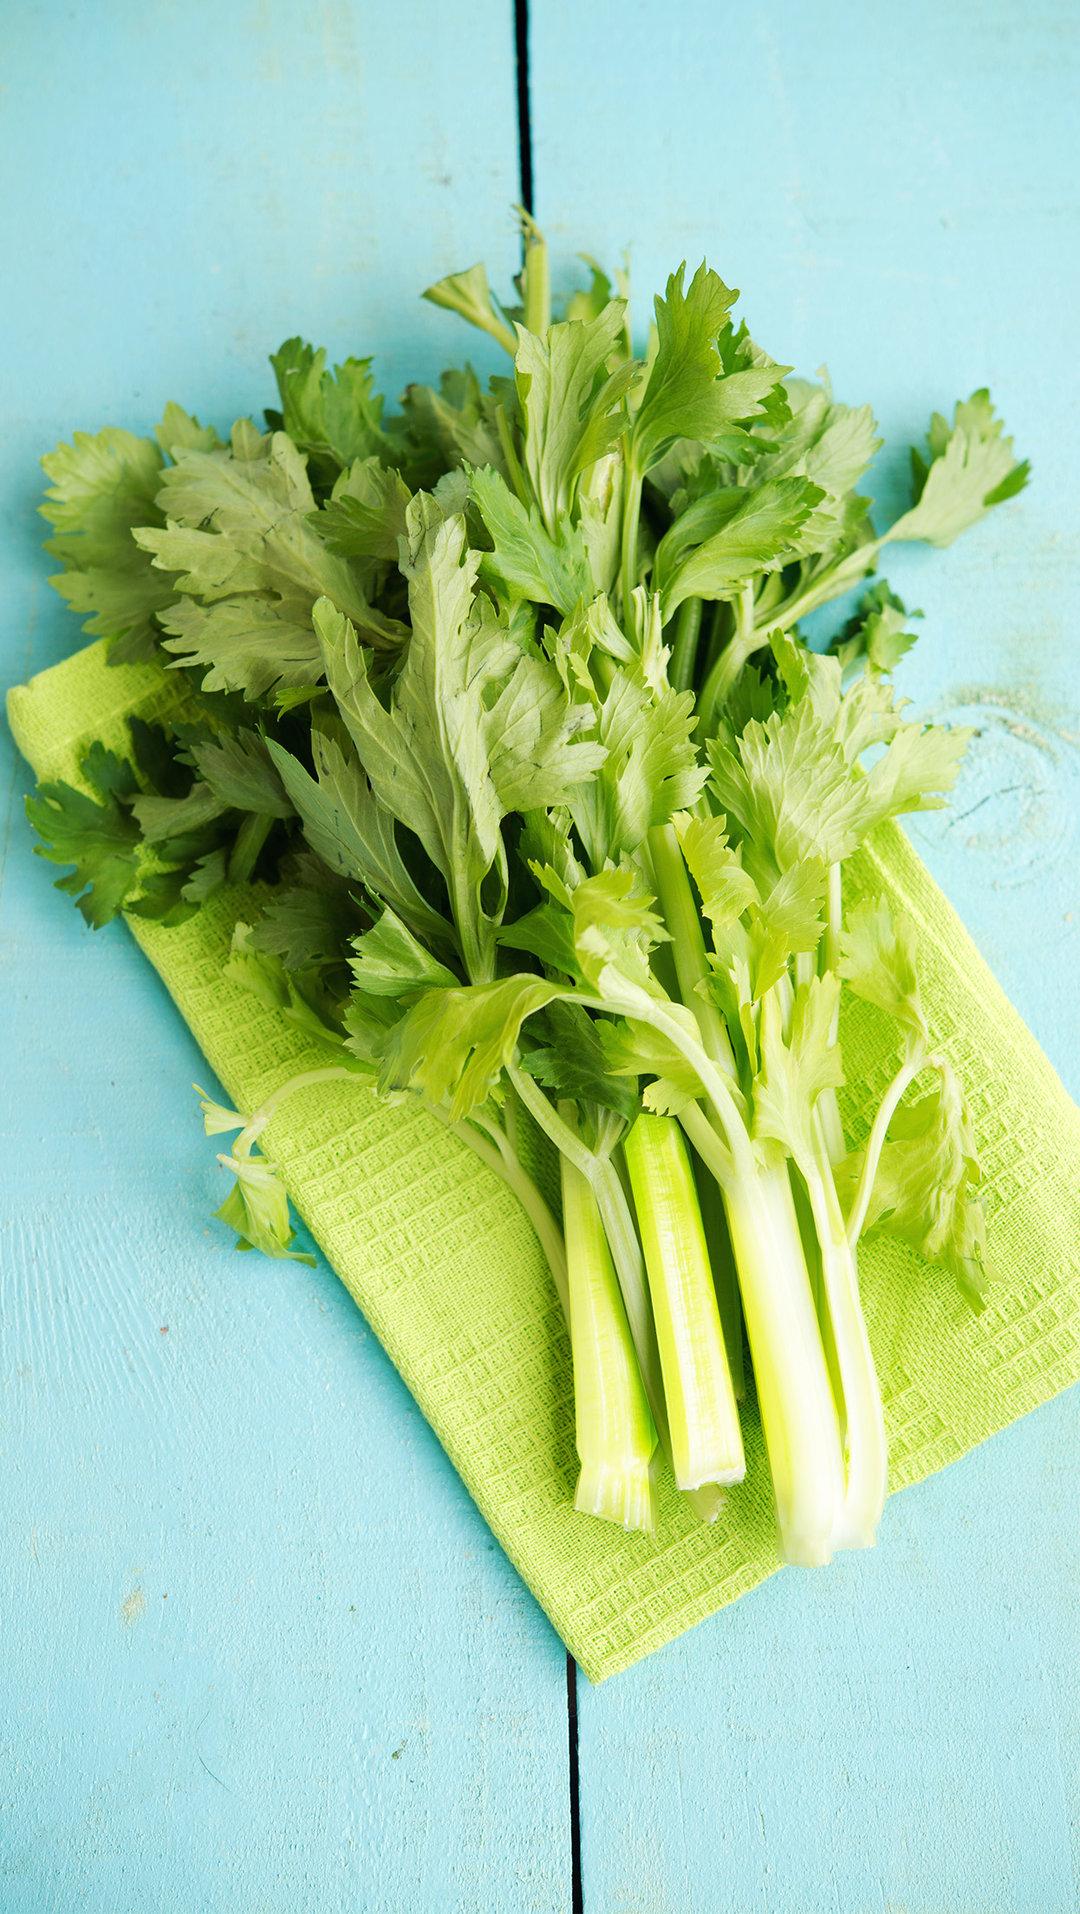 Sperlonga white celery PGI